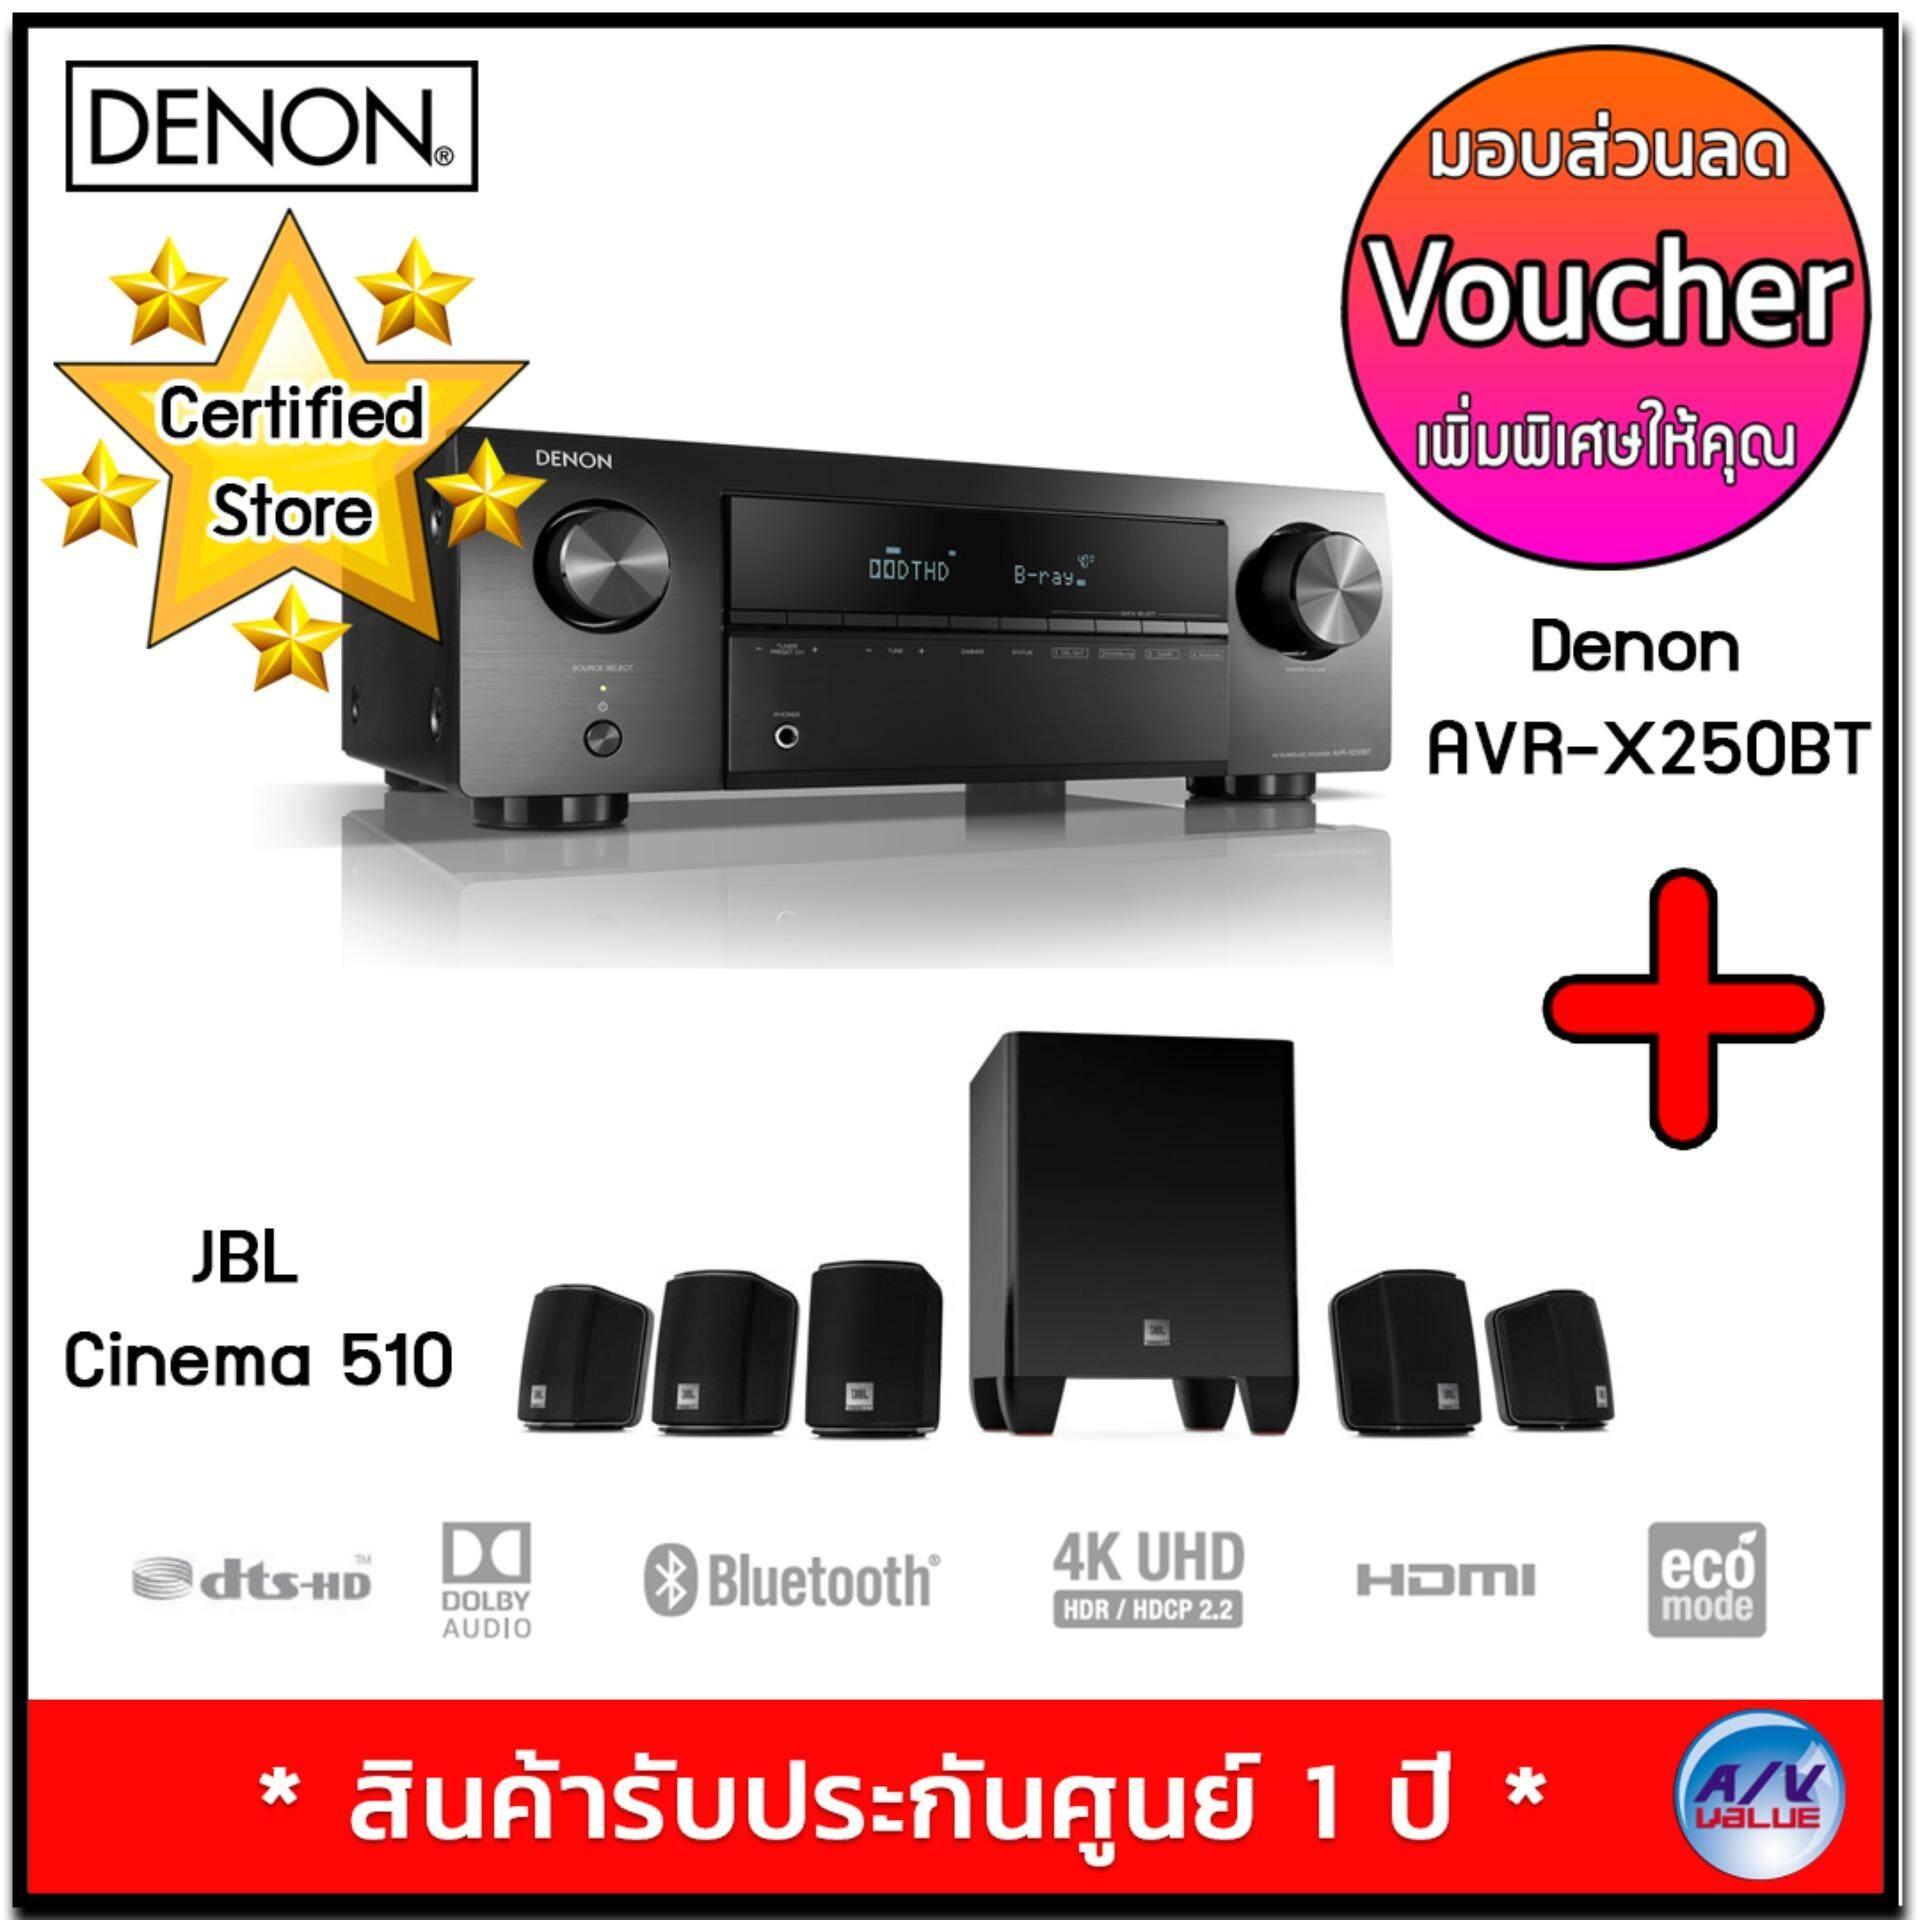 การใช้งาน  ขอนแก่น Denon AVR-X250BT 5.1 Ch. 4K Ultra HD AV Receiver with Bluetooth + JBL Cinema 510